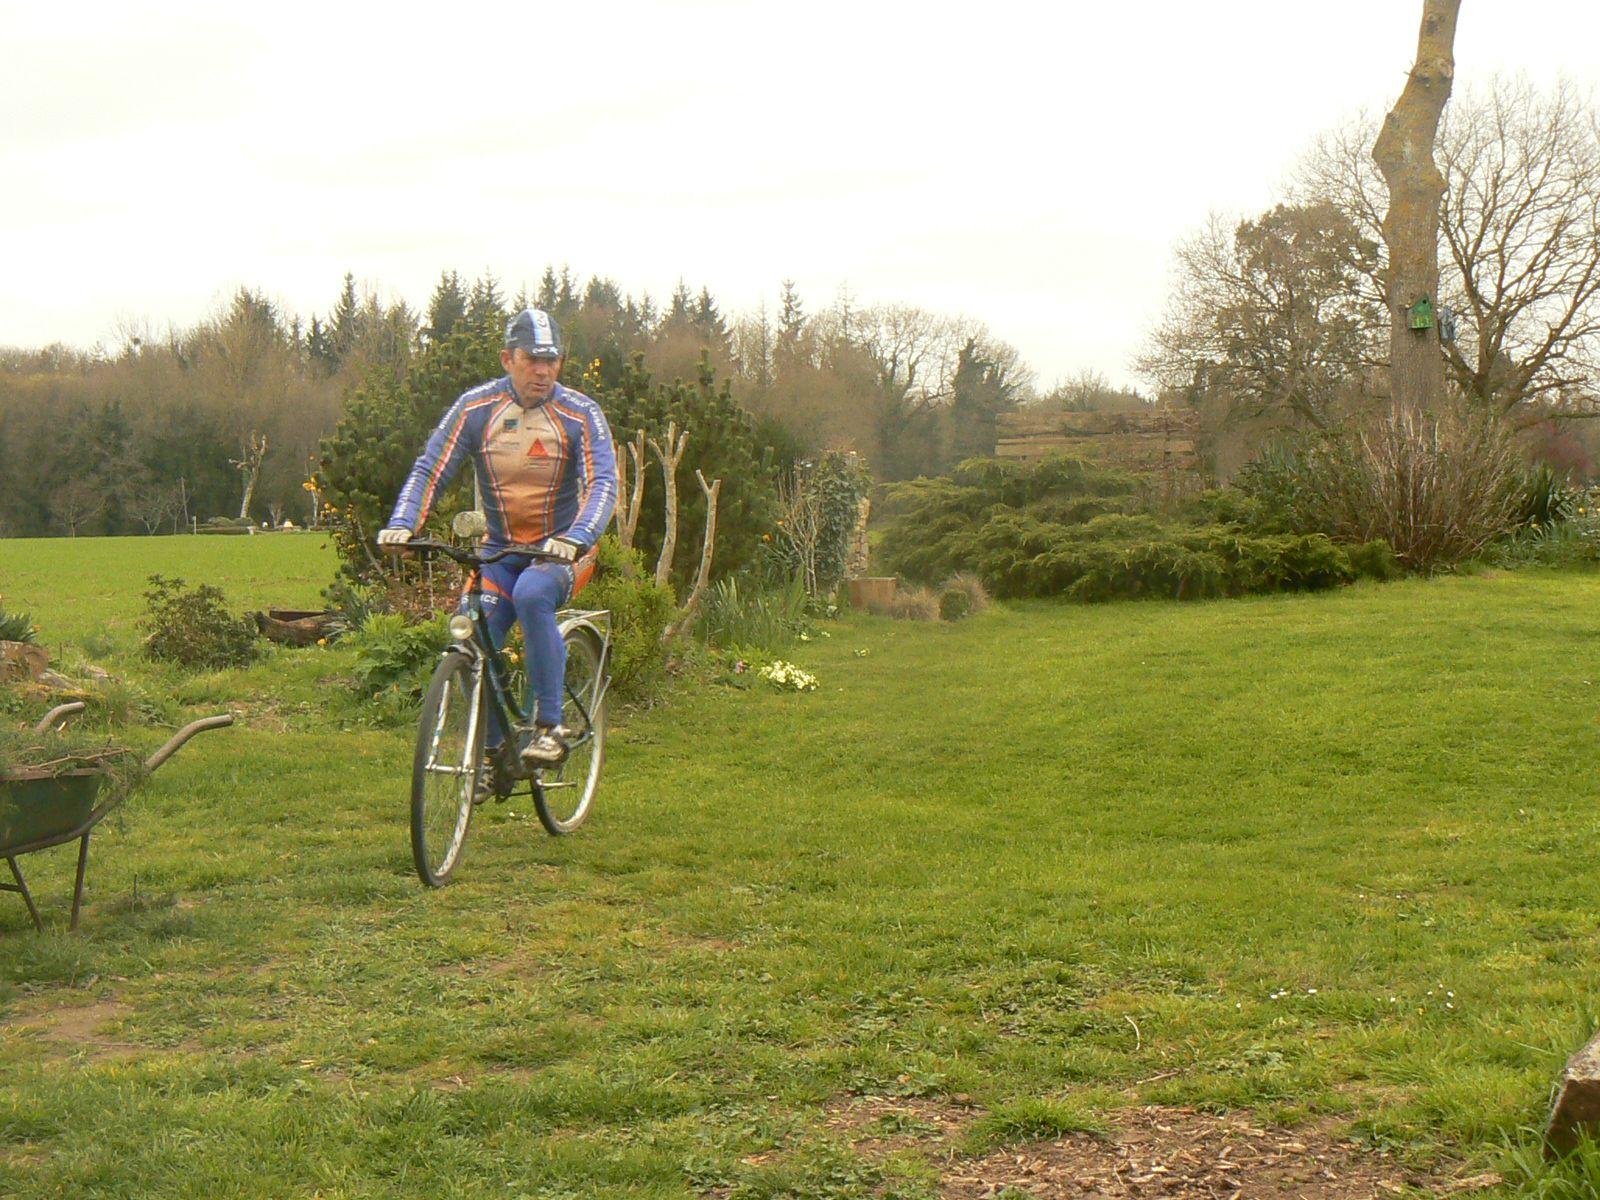 Comme Dylan KOWALSKI , petits tours de jardin (90m) entre deux série sur les rouleaux. (Dylan, j'avais commencé avant de voir ta vidéo)